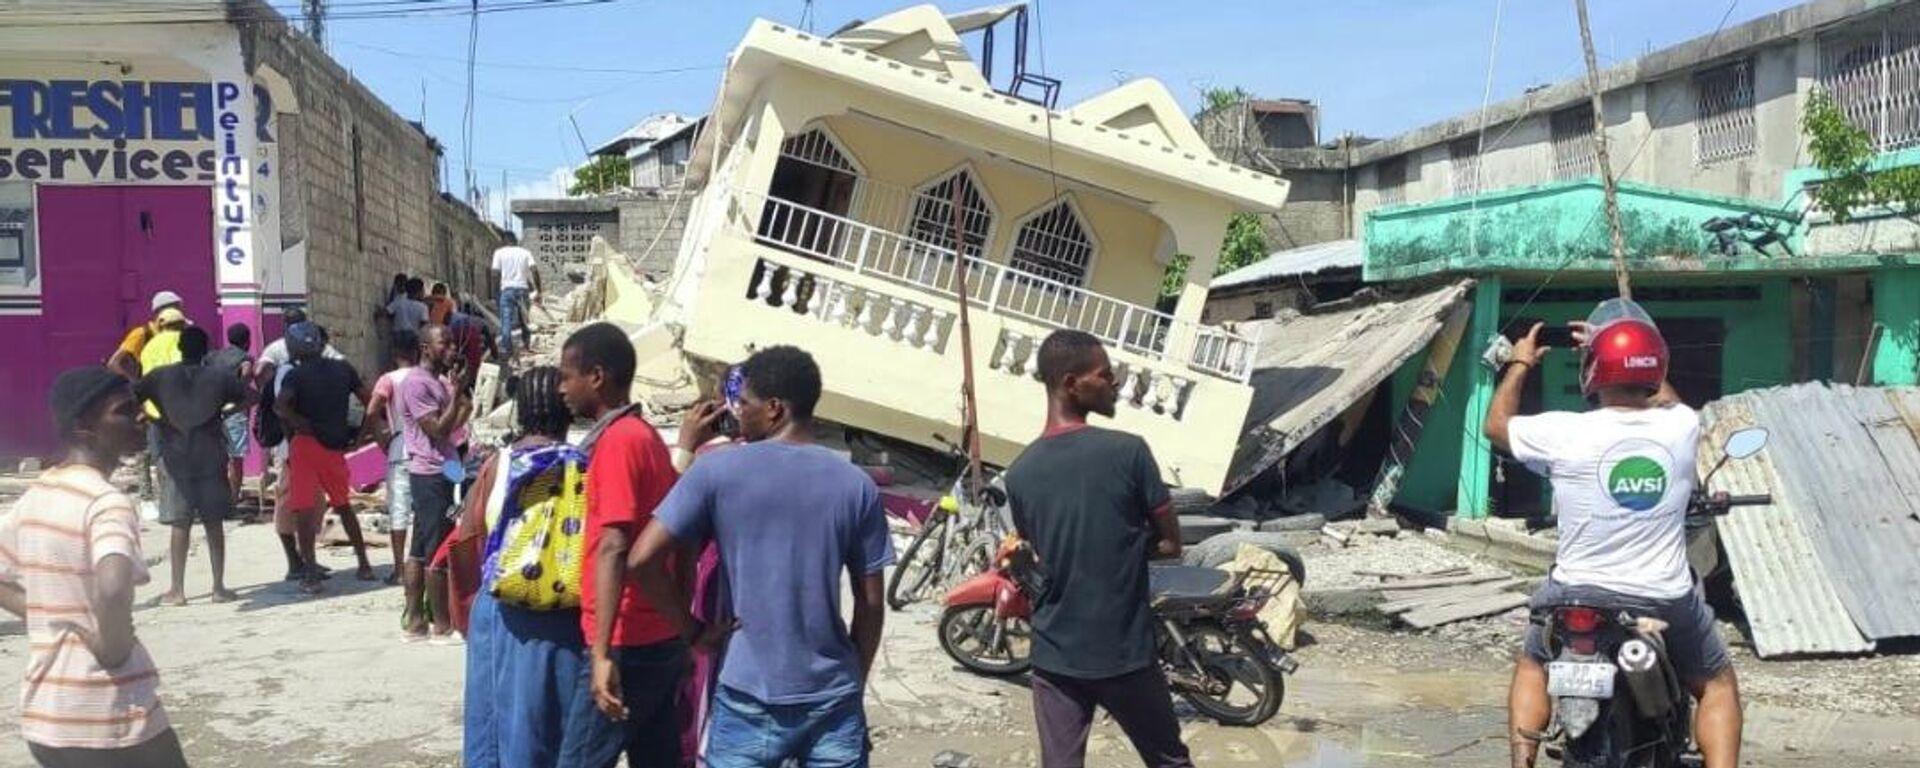 Consecuencias del sismo en Haití - Sputnik Mundo, 1920, 17.08.2021